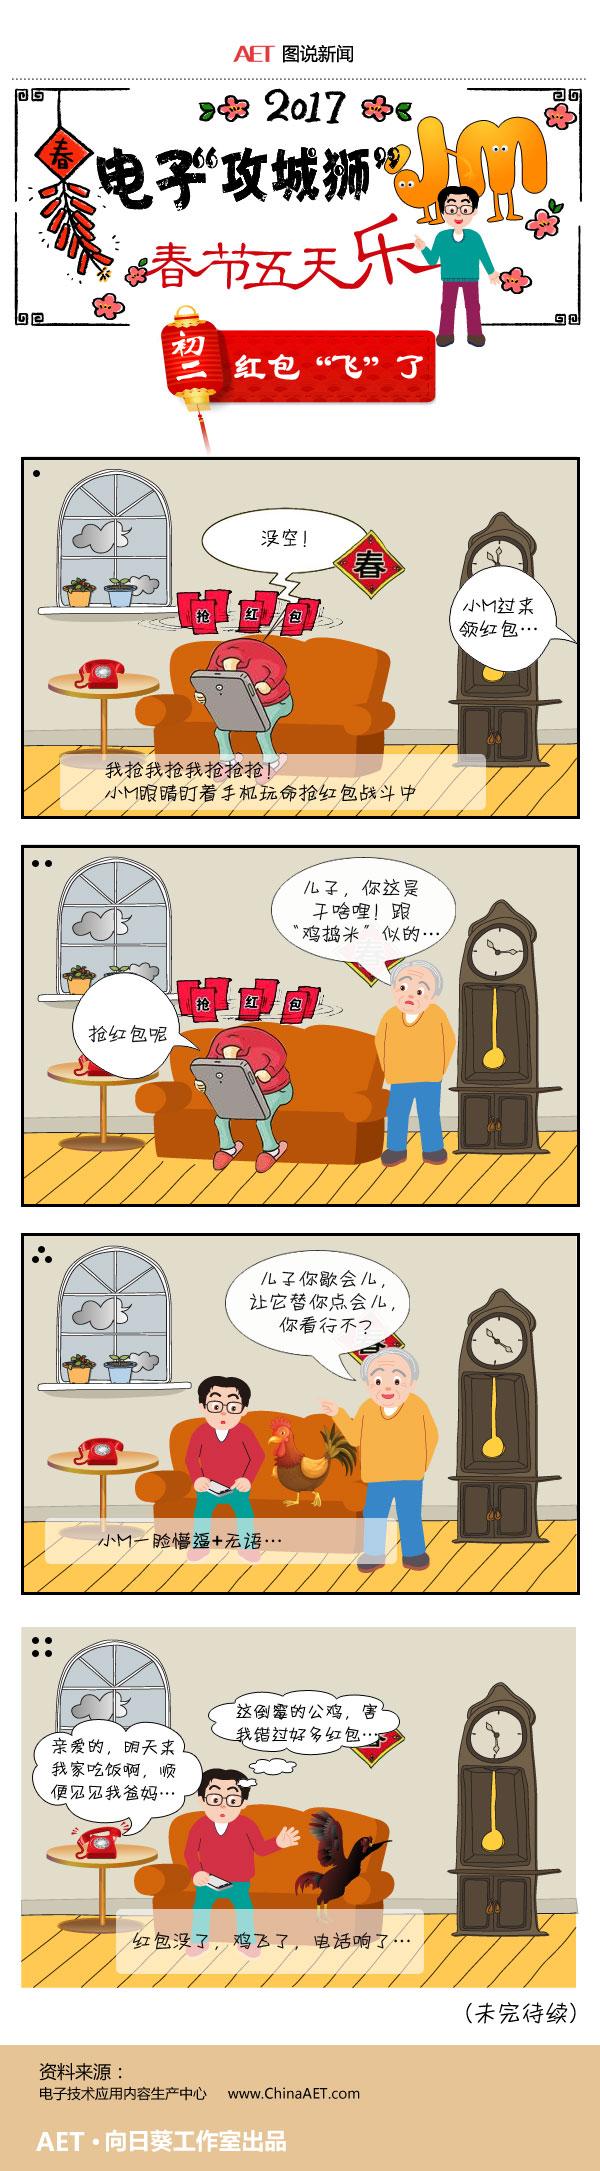 2017春节五天乐02.jpg